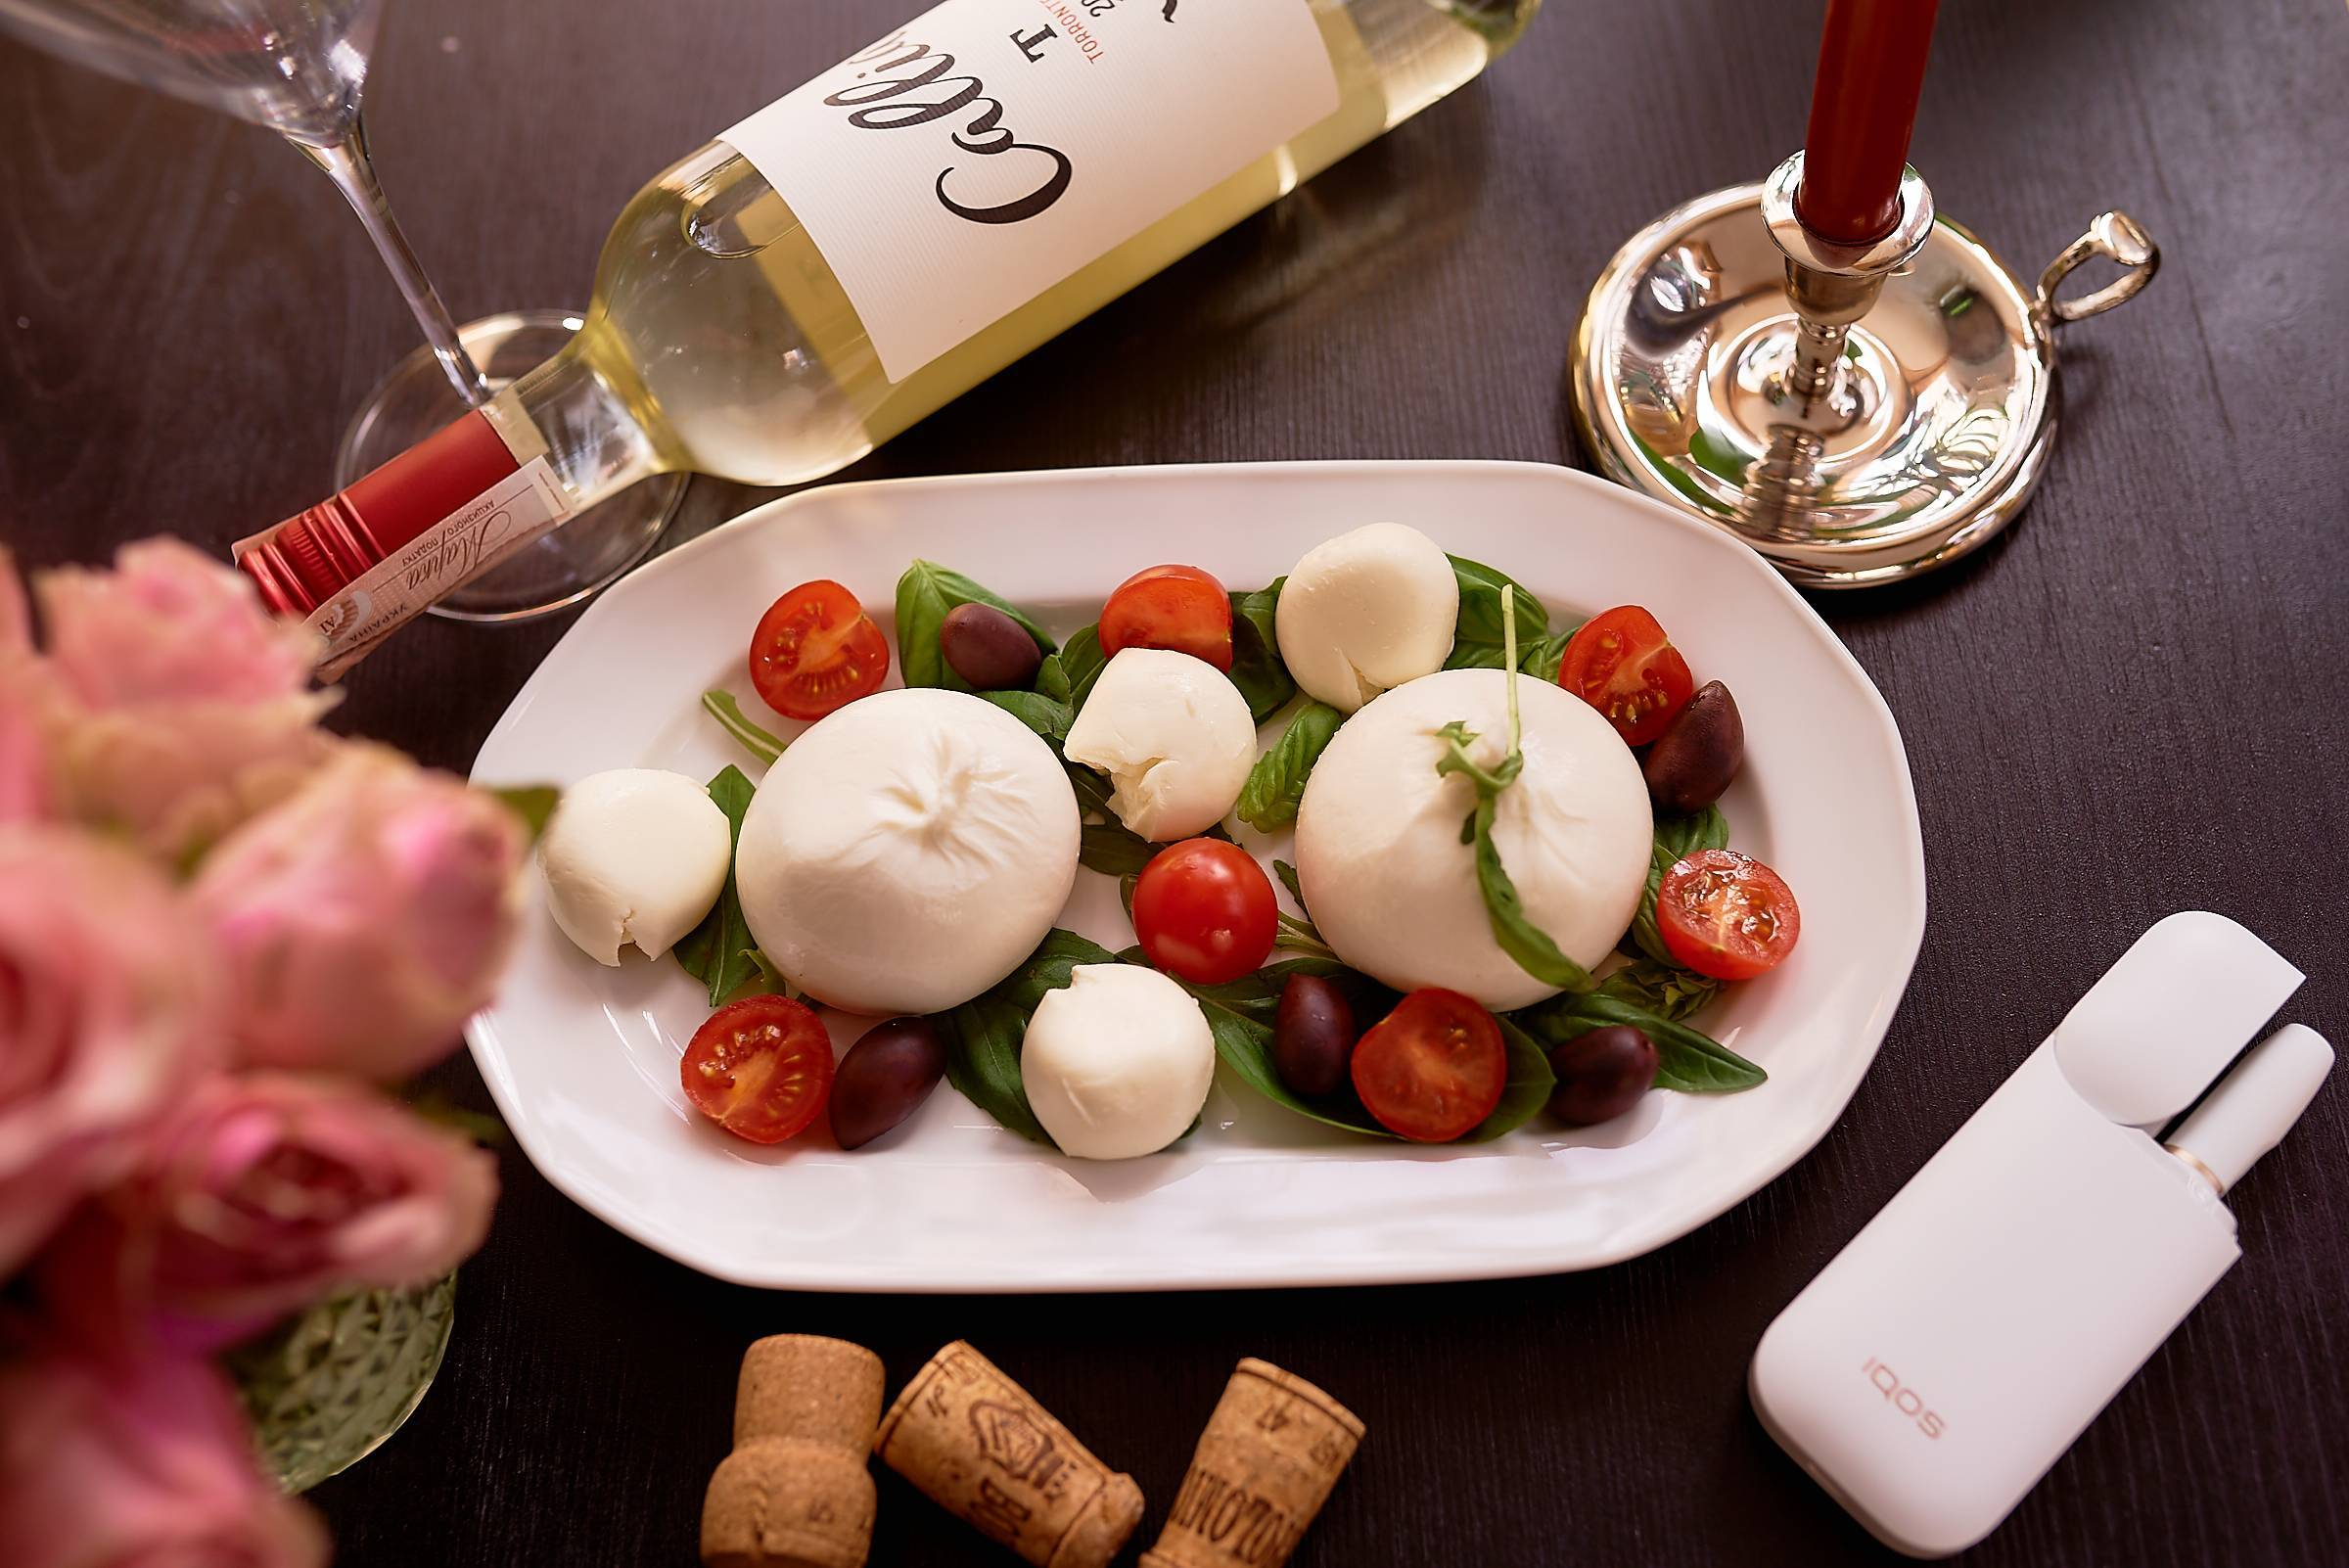 Низкокалорийные и полезные закуски, которые хорошо сочетаются с вином